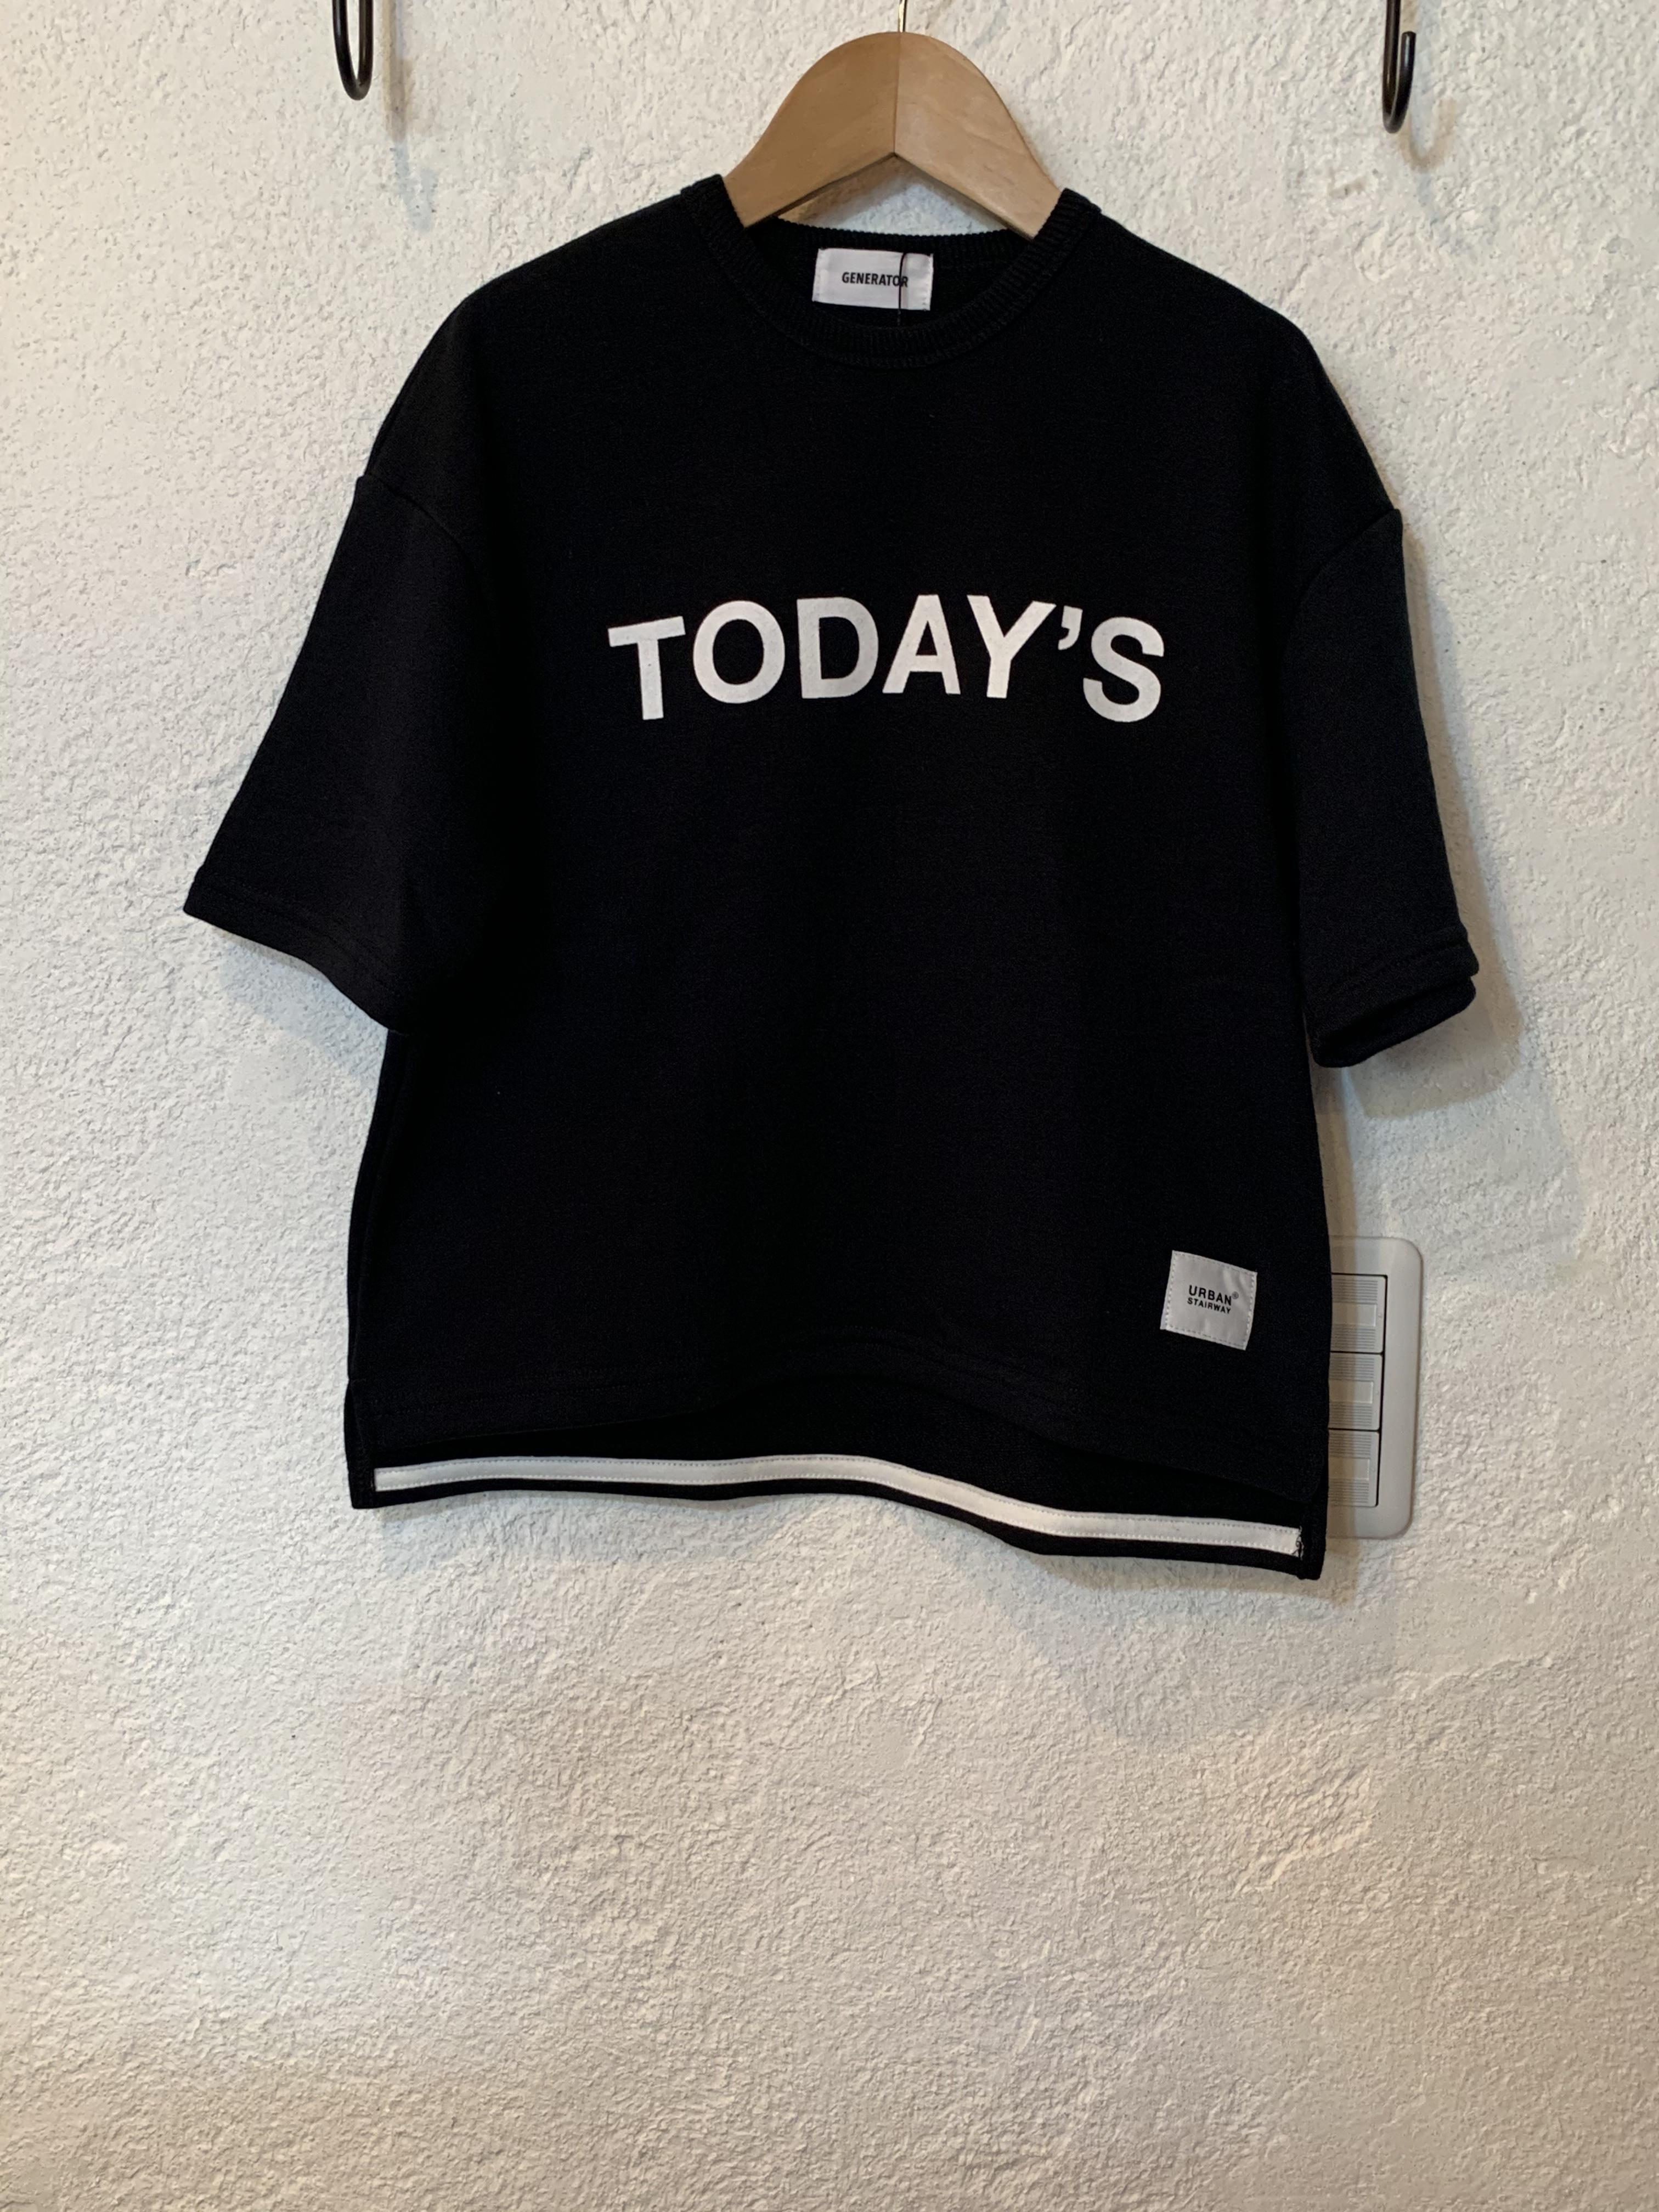 KIDS:GENERATOR TODAY'Sプルオーバー ブラック